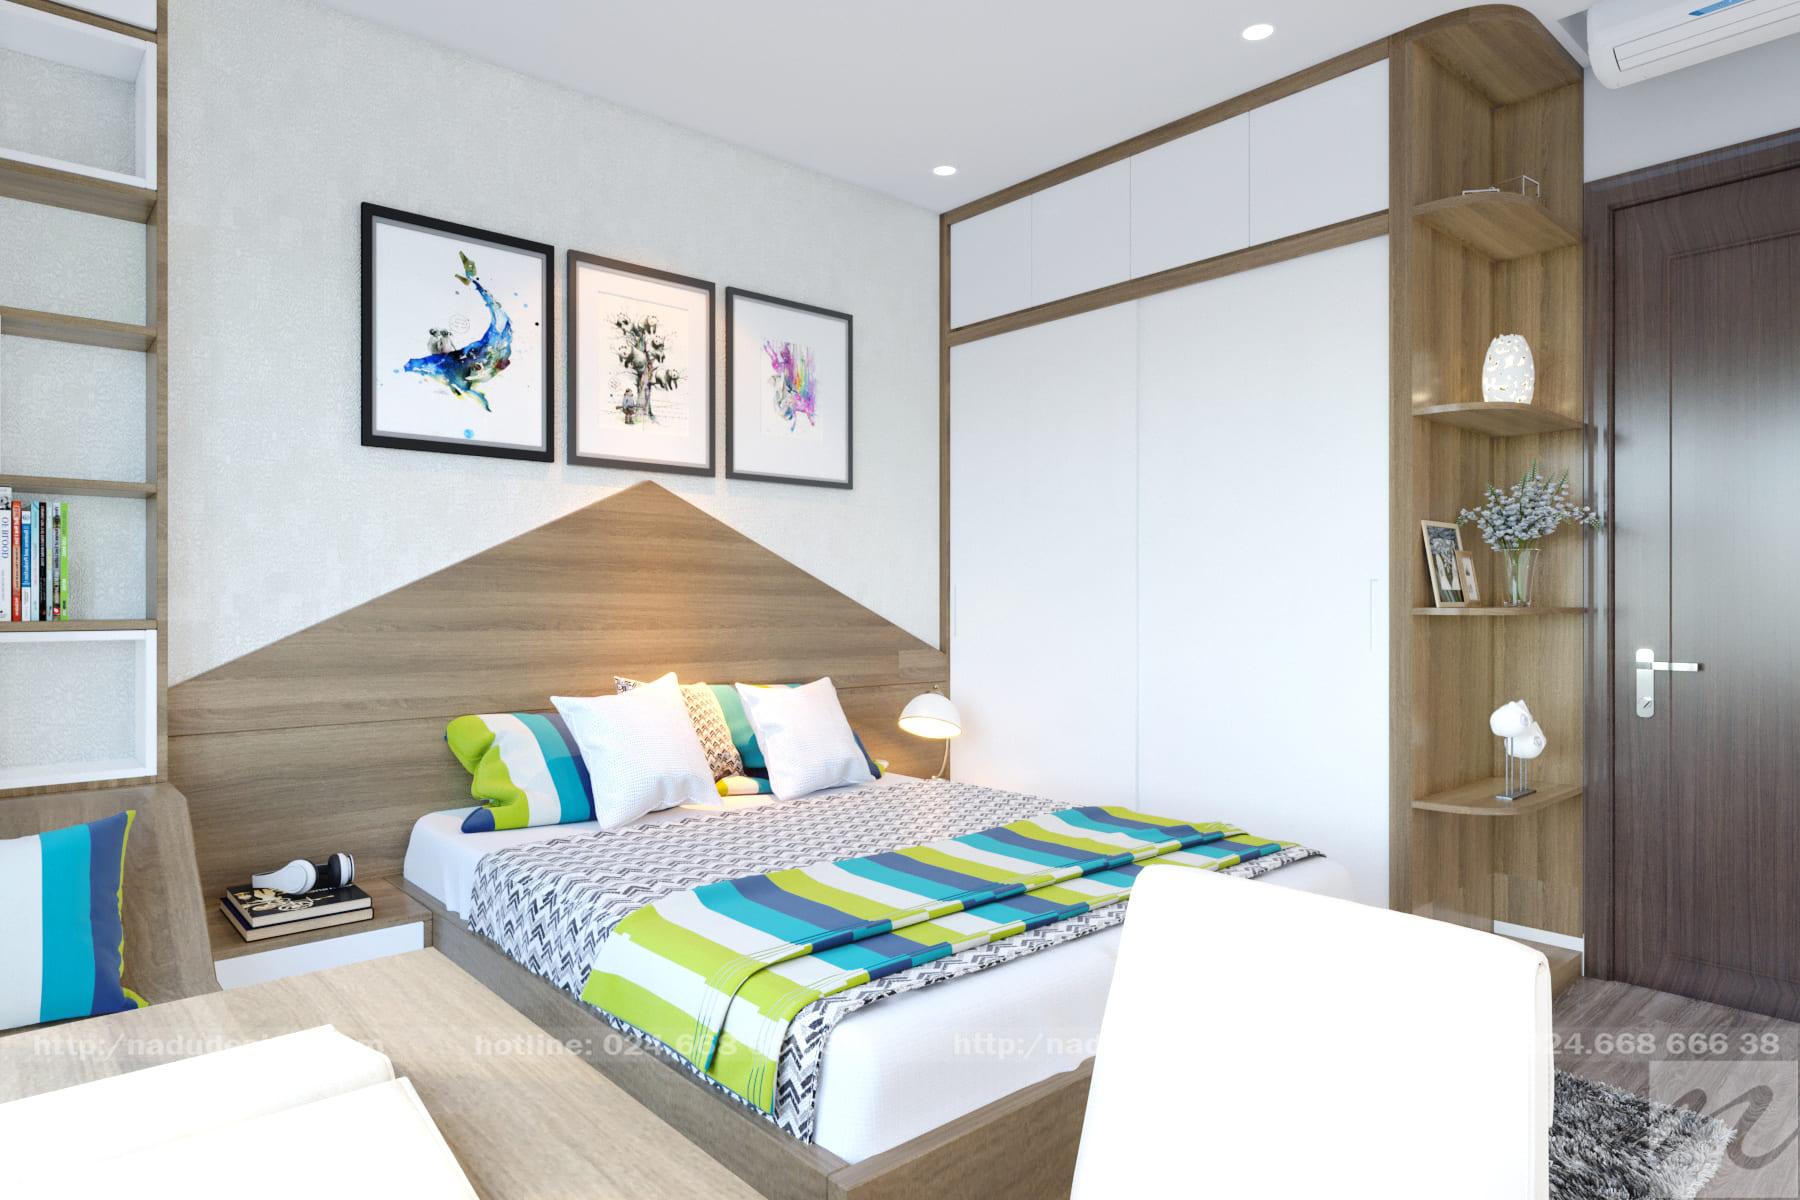 Mẫu thiết kế nội thất phòng ngủ 12m vuông đẹp sang trọng